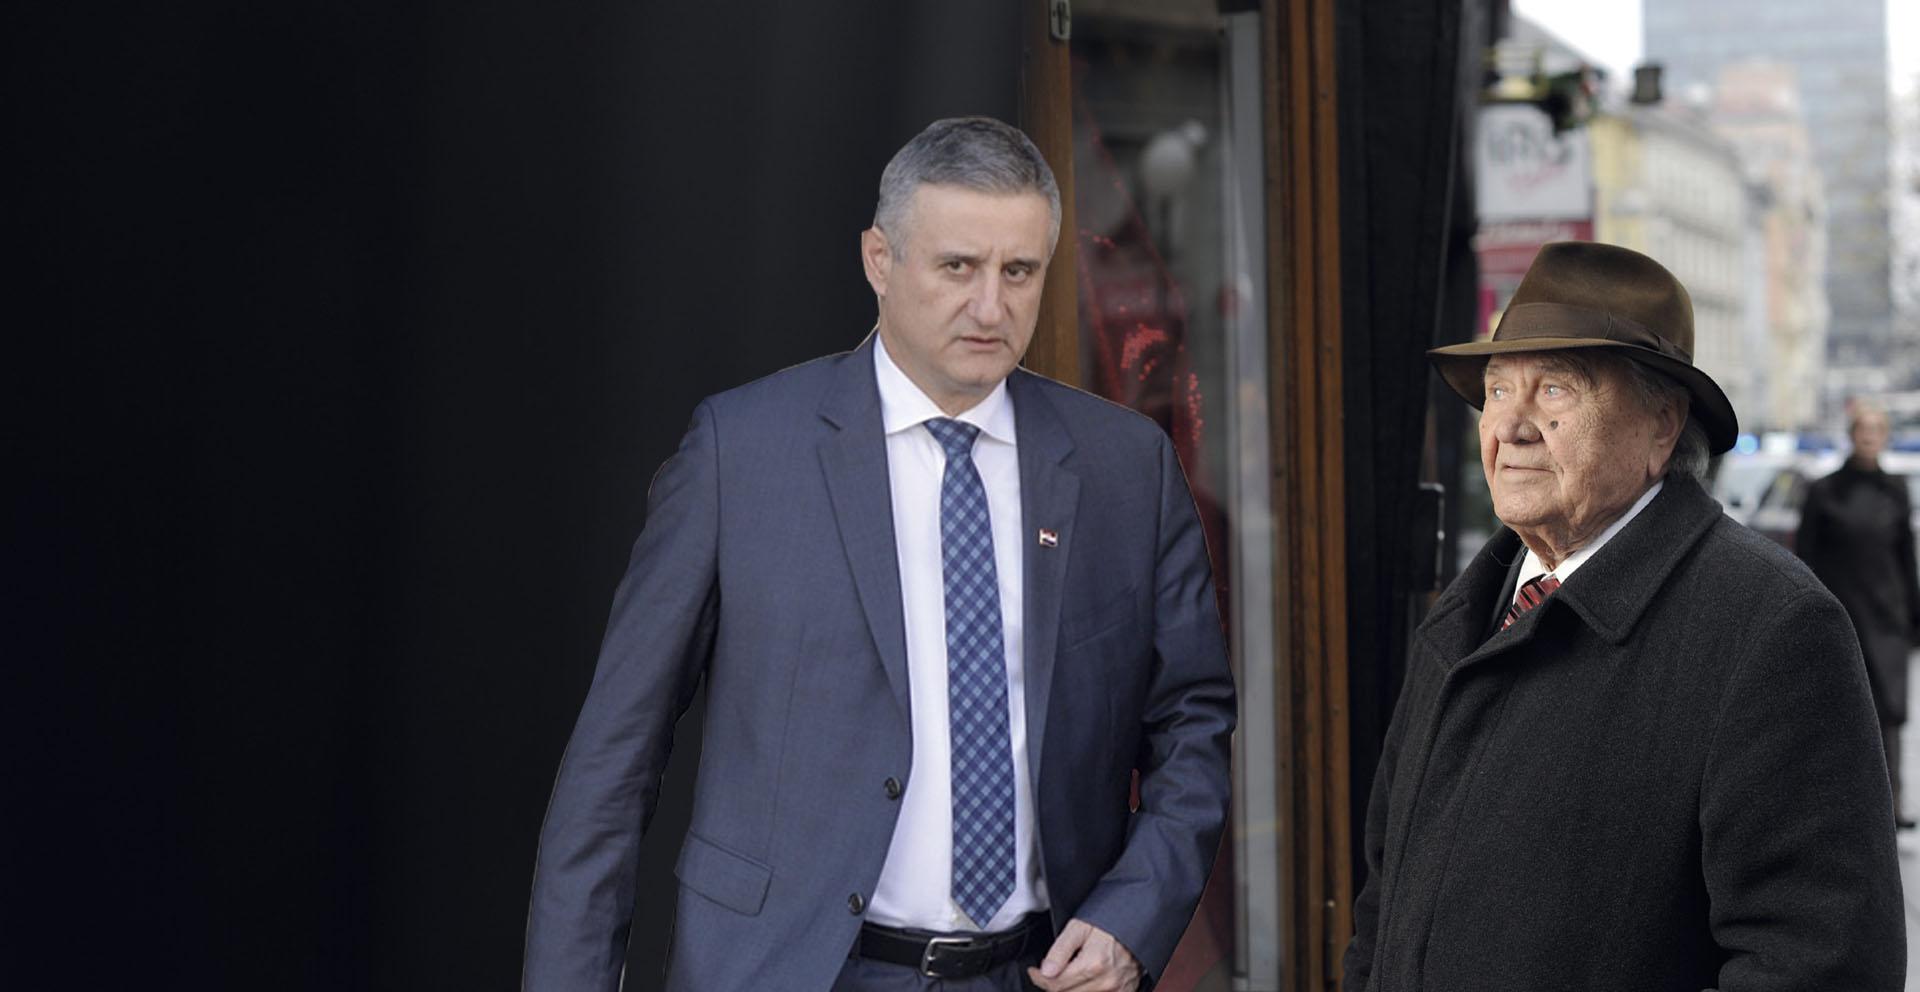 Zašto Karamarko nije dokazao da ga je Manolić oklevetao